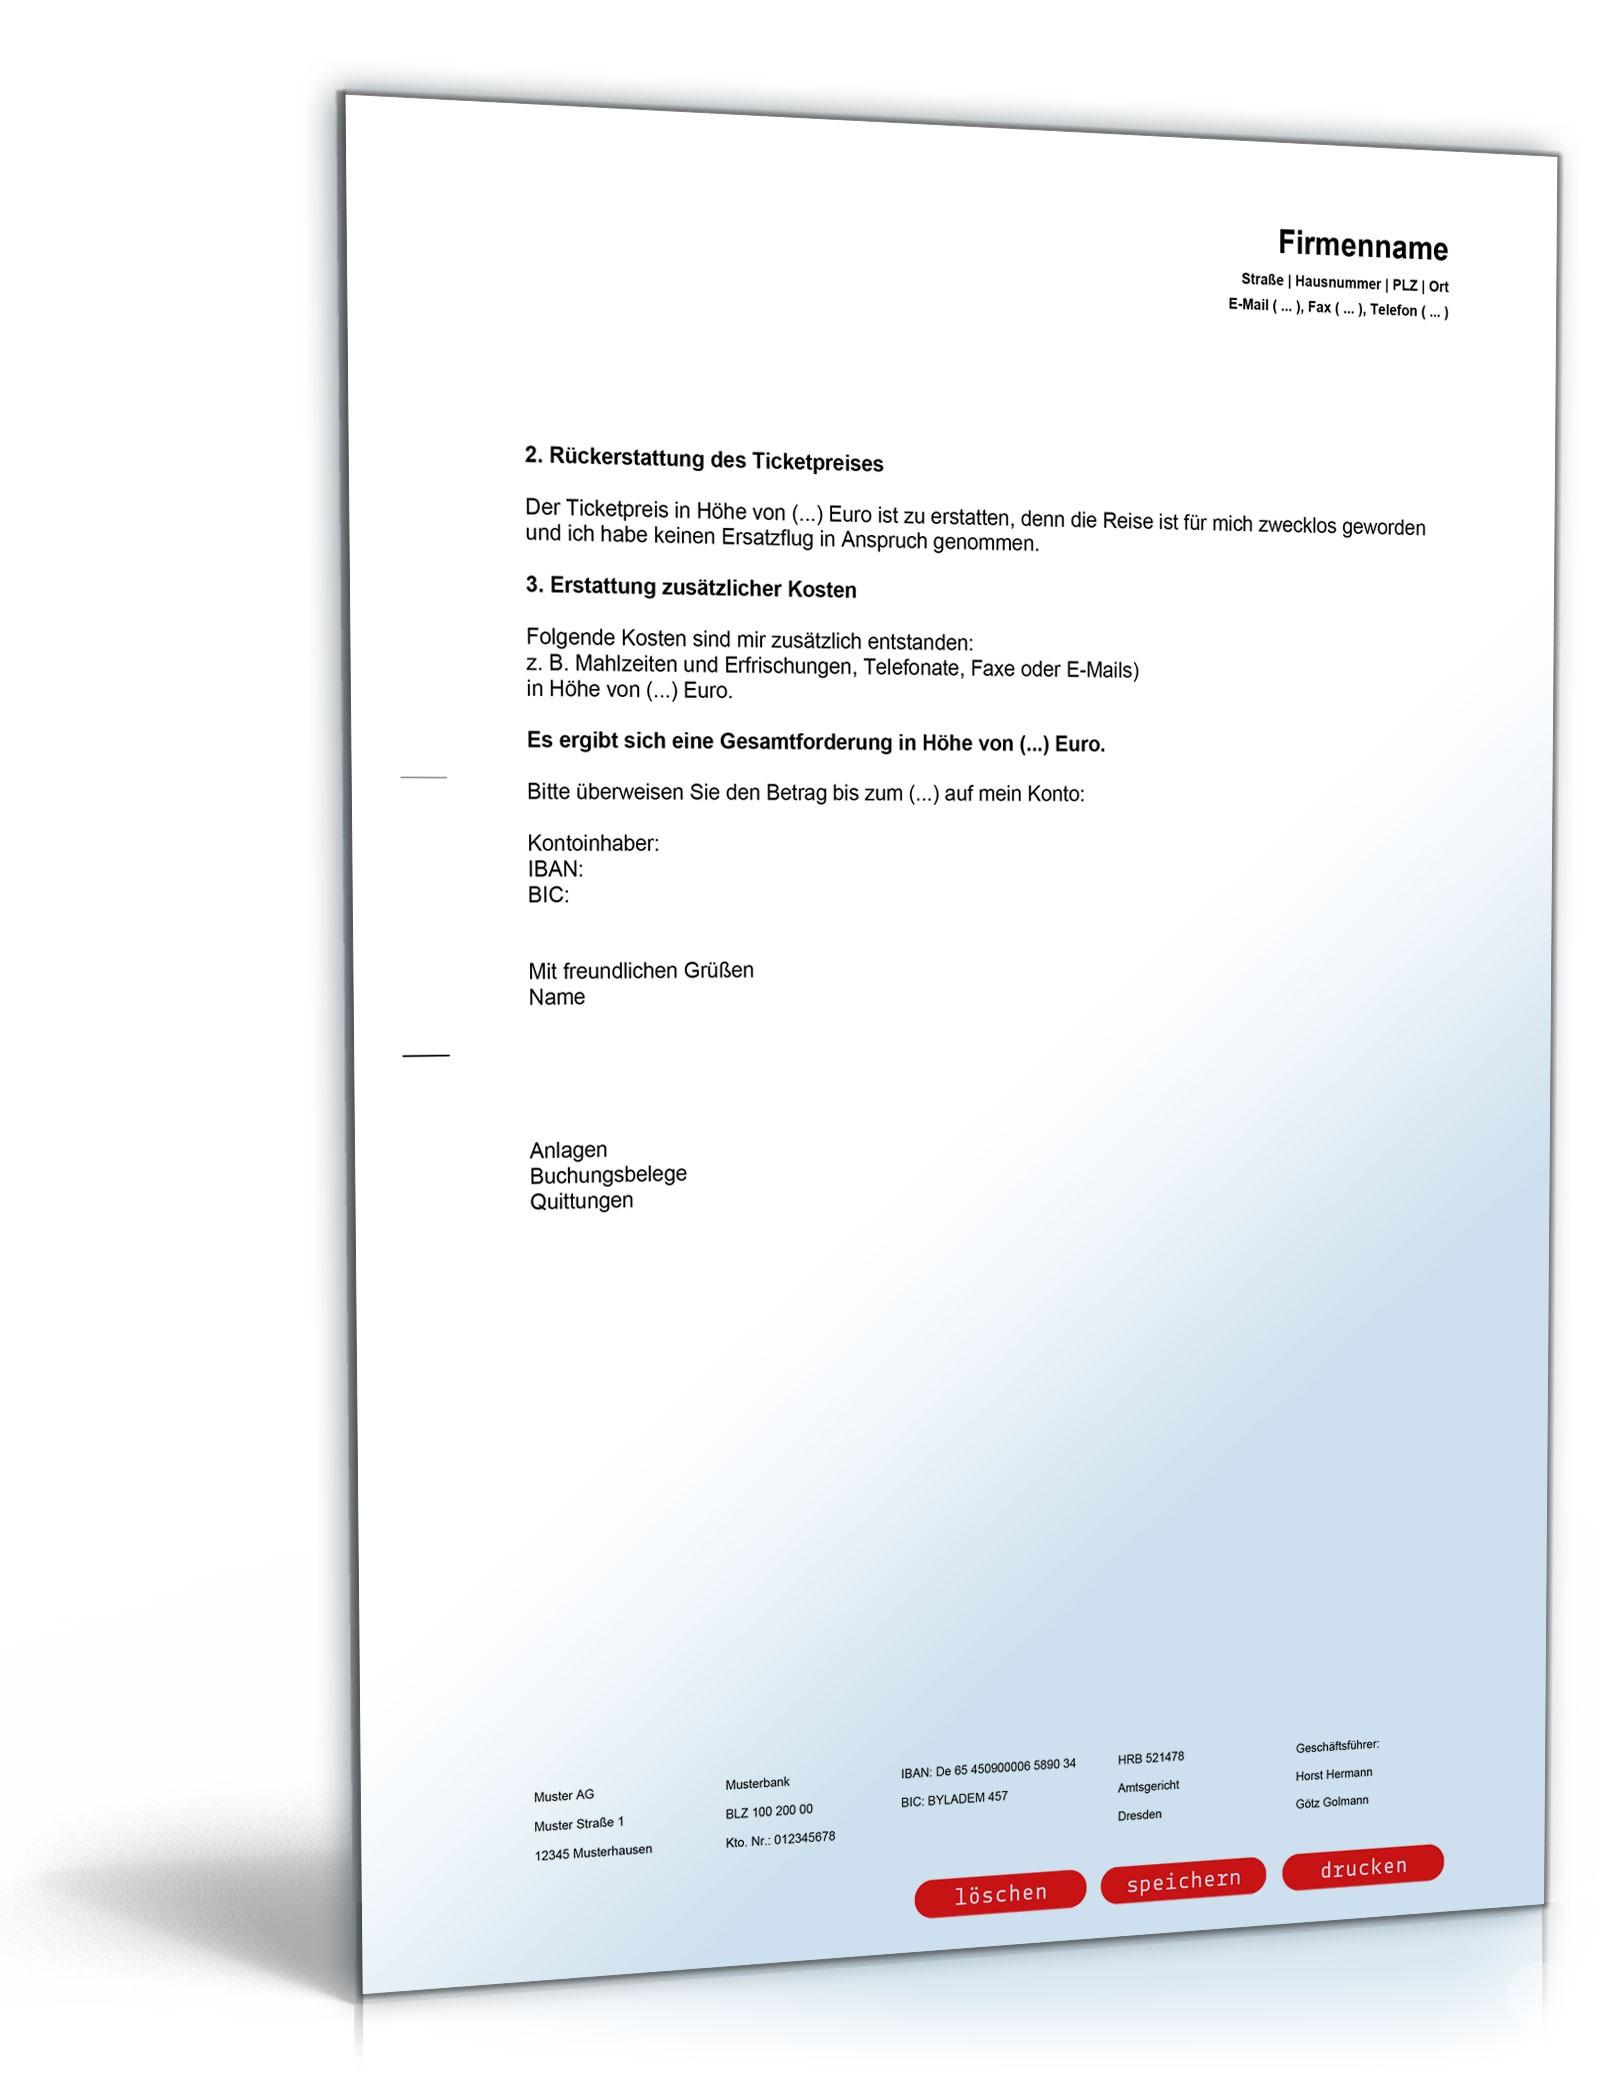 Ausgleichsanspruch Nach Fluggastverordnung Vorlage Zum Download